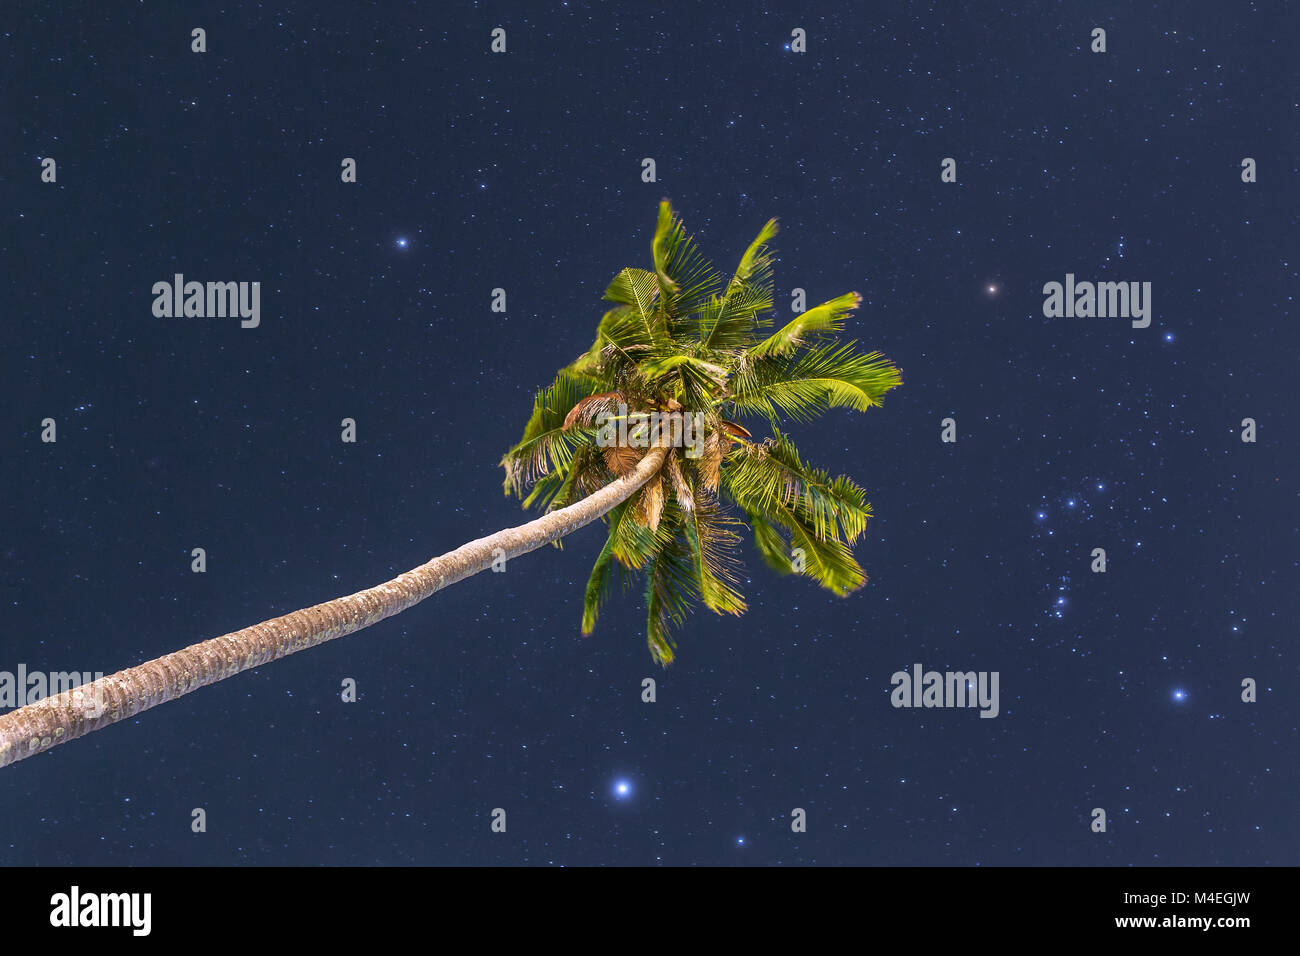 Single palm tree at night sky with stars - Stock Image